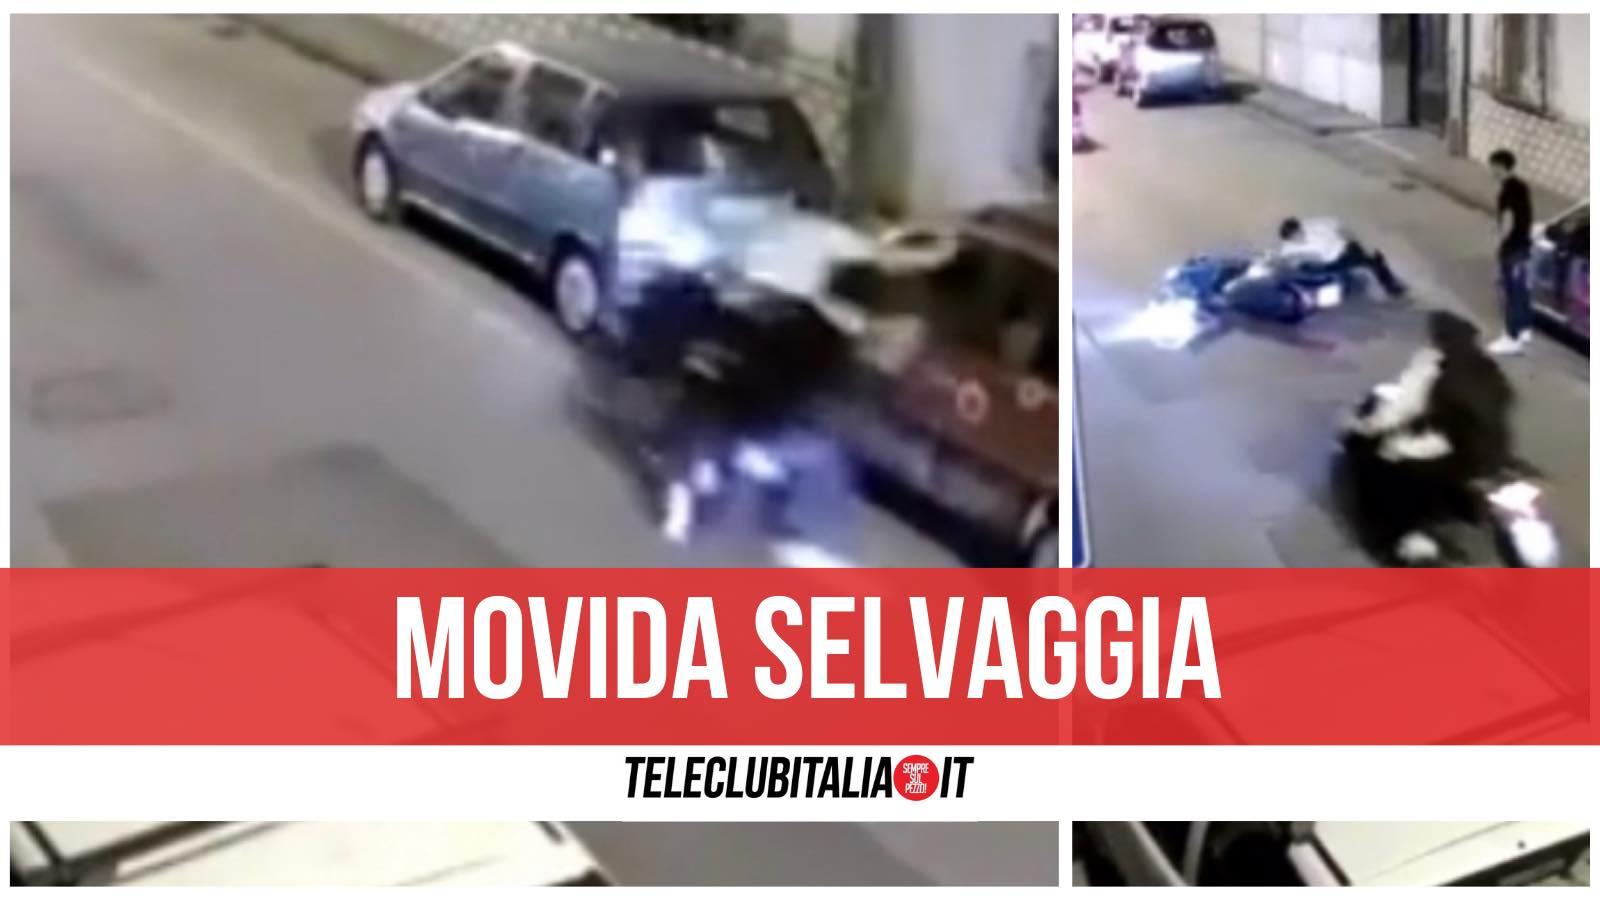 frattamaggiore movida incidente scooter